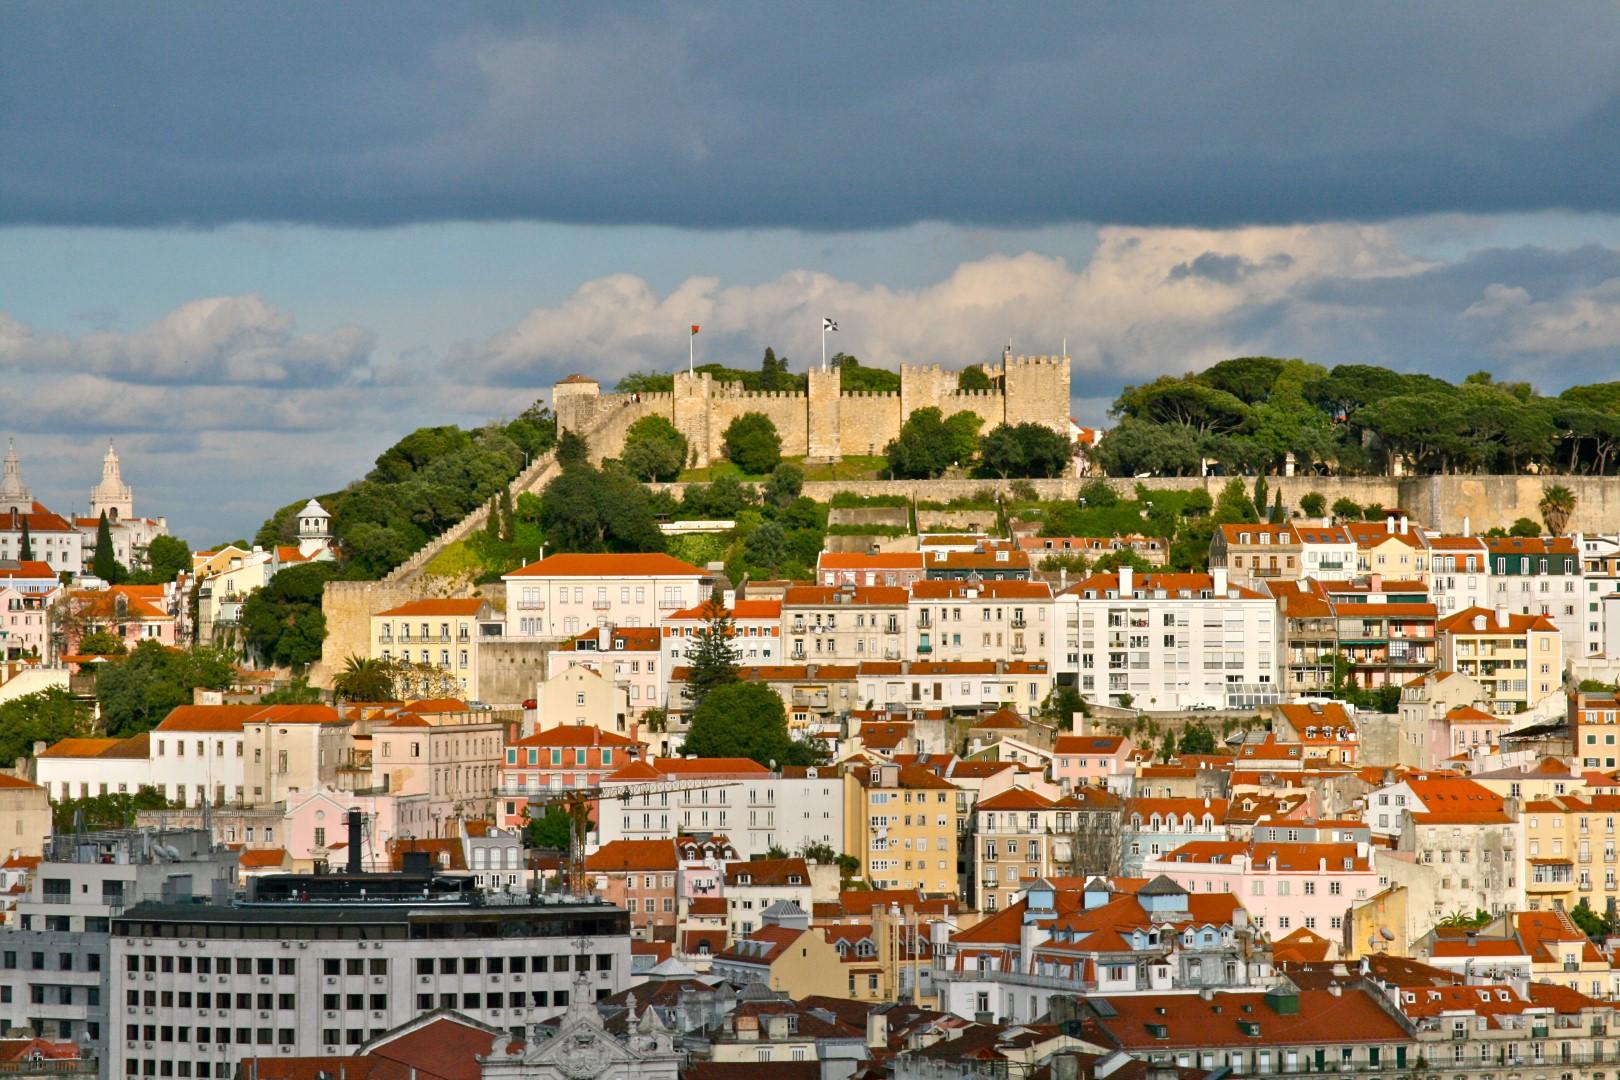 castelo_de_sao_jorge